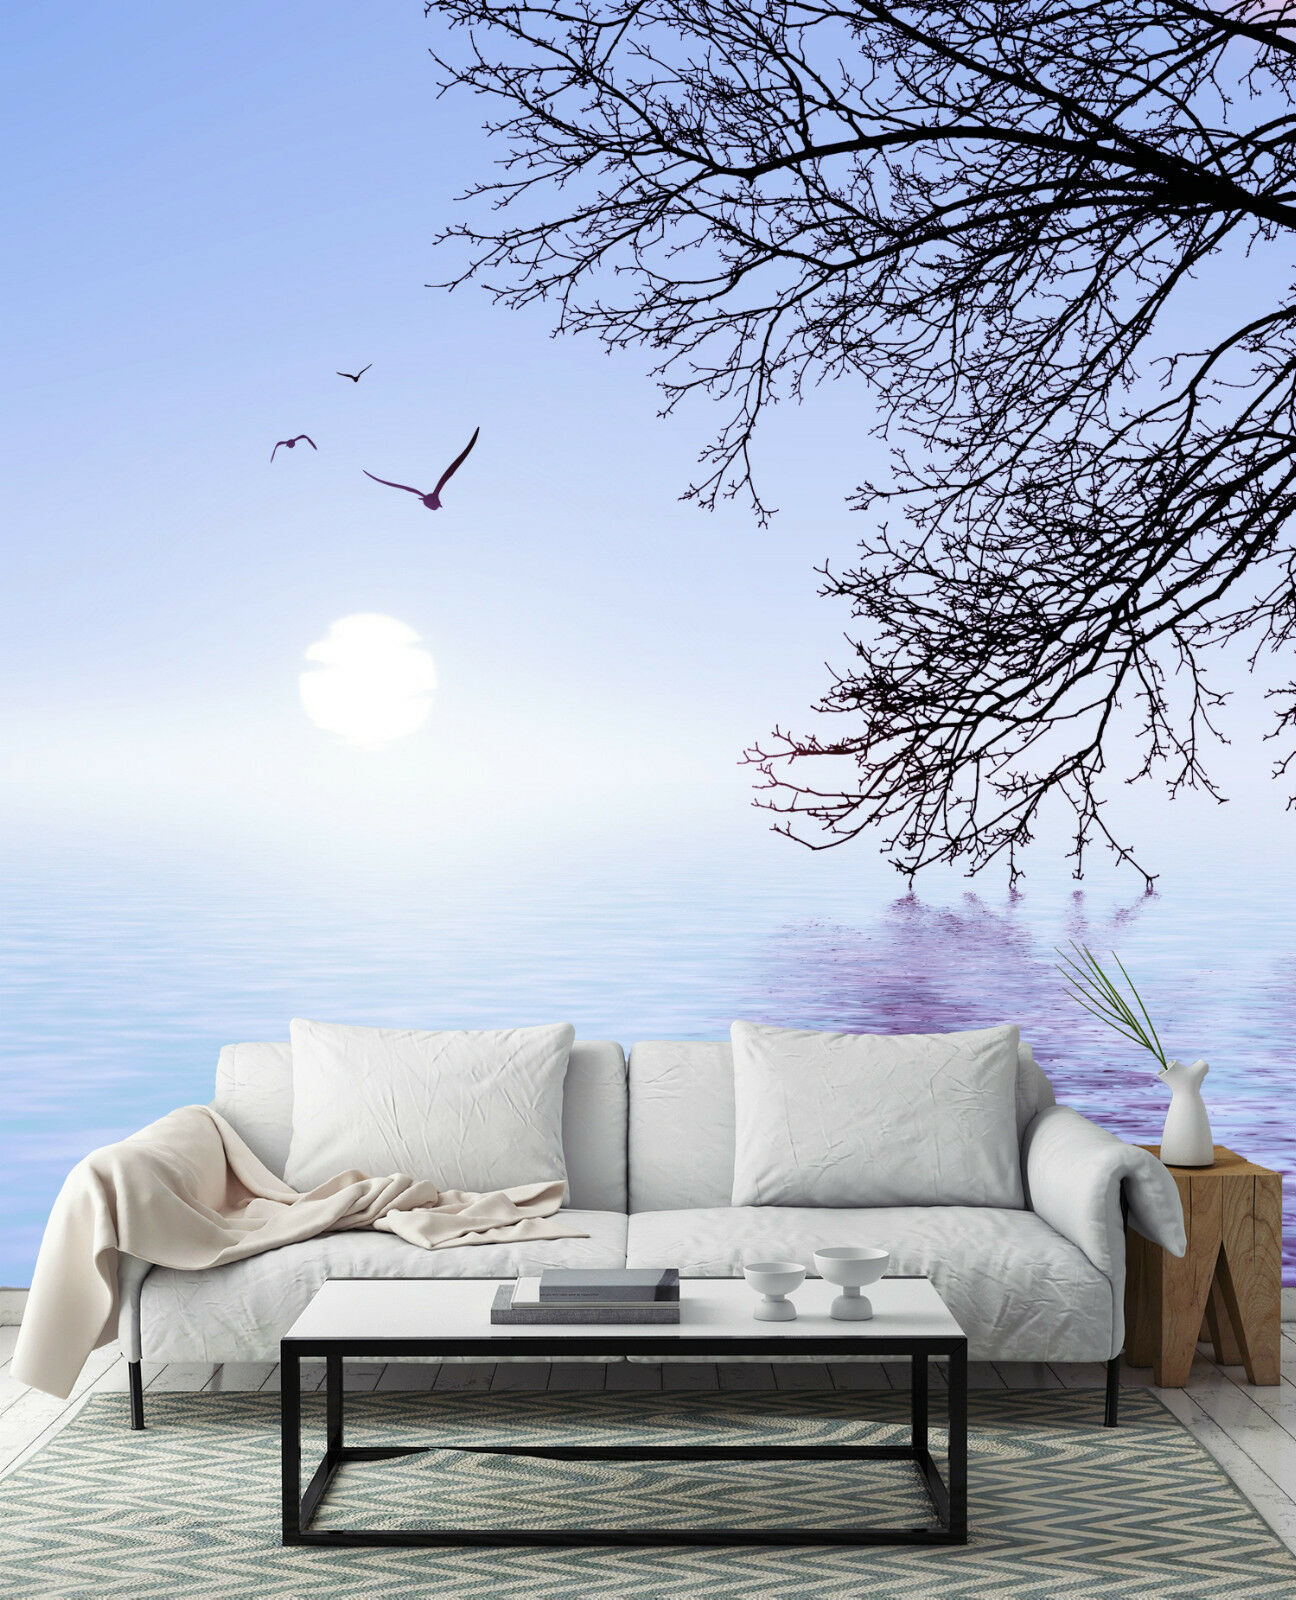 3D Fluss, Baum 898 Fototapeten Wandbild Fototapete Bild Tapete Familie Kinder | Qualität Produkt  | Ausreichende Versorgung  | Elegant Und Würdevoll